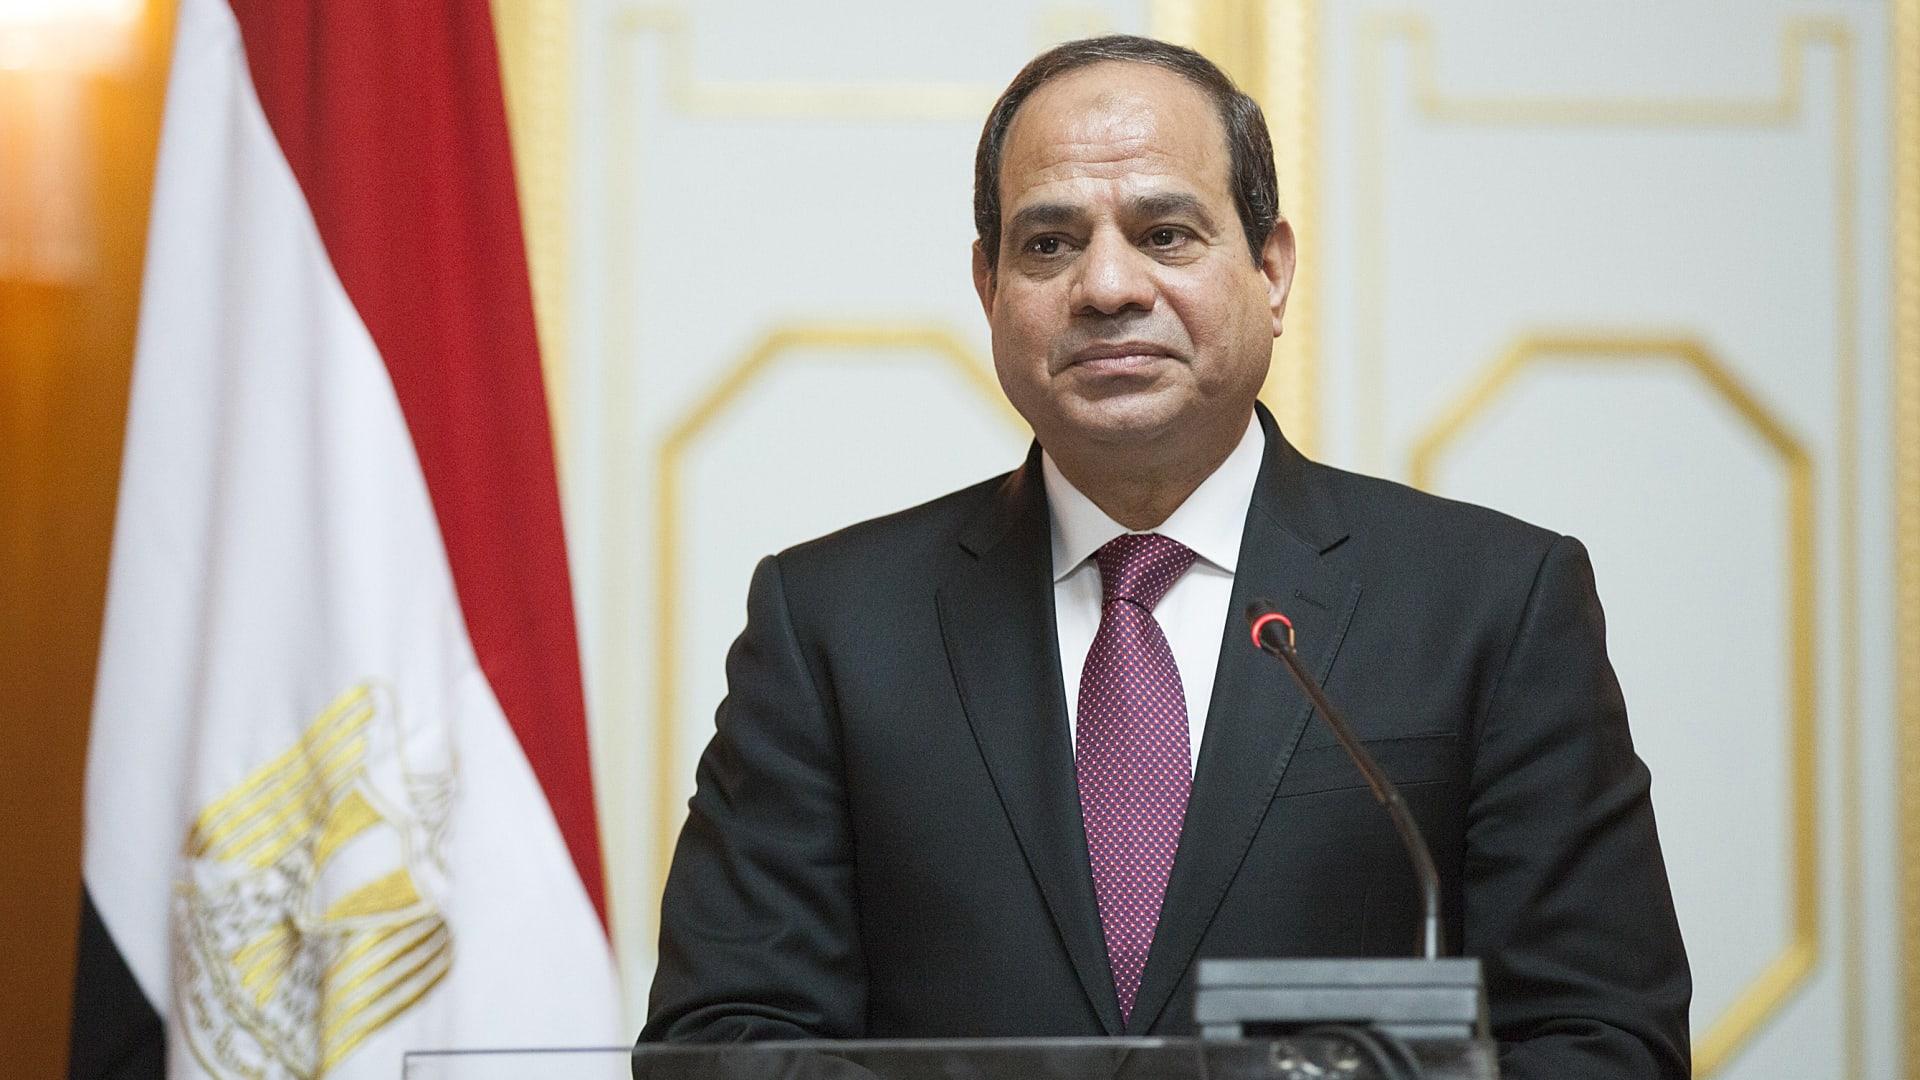 ما نتائج برنامج الدعم الذي قدمه صندوق النقد للاقتصاد المصري؟